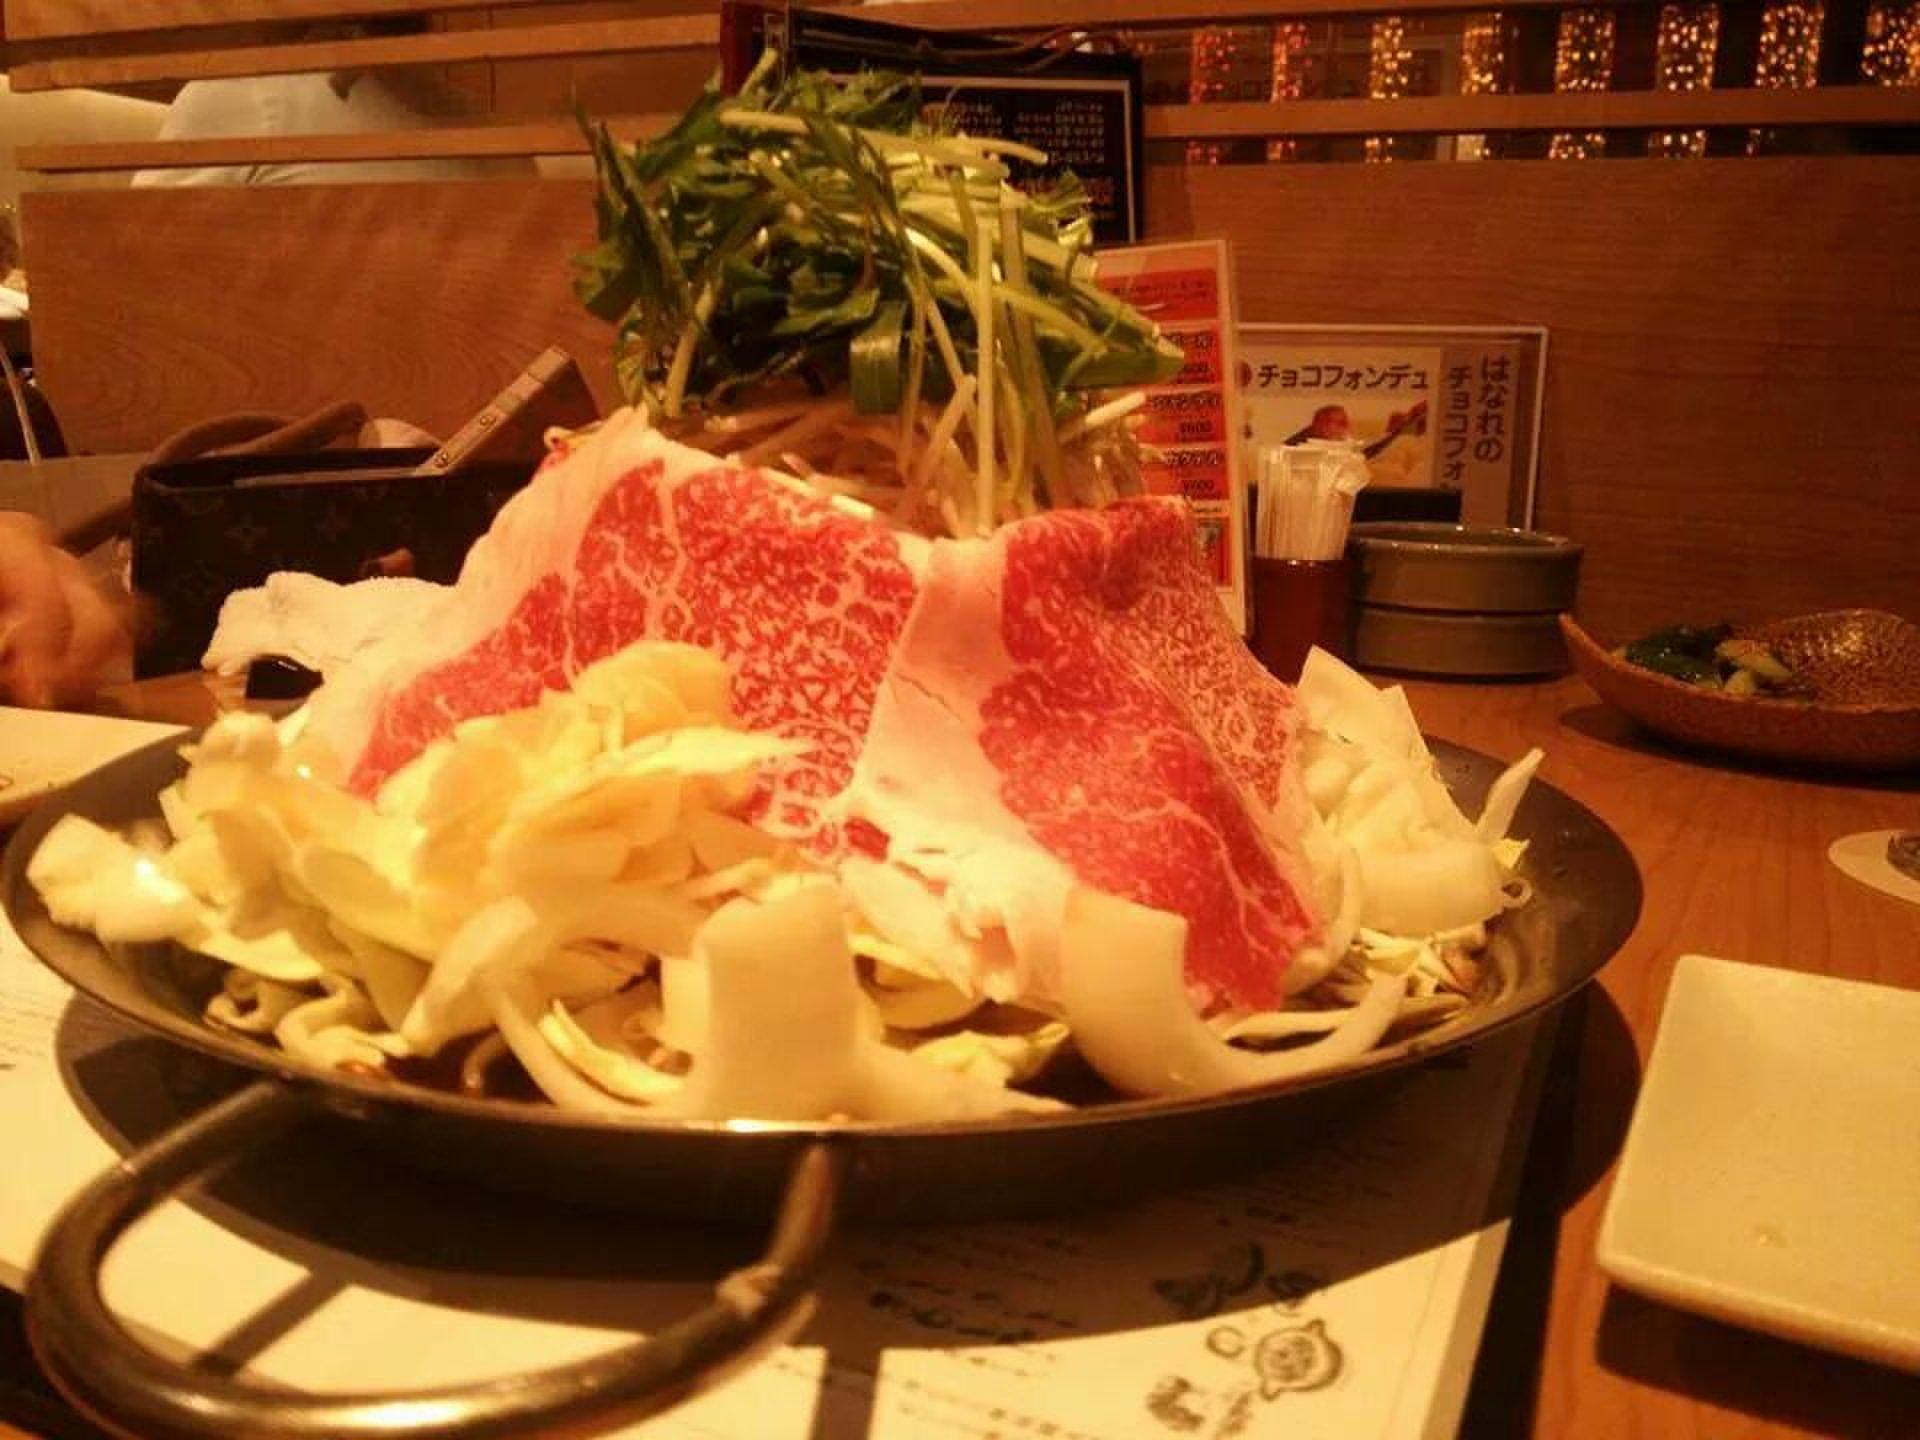 恵比寿で鉄板鍋をガッツリ食べる!きのした恵比寿はなれへ行こう!